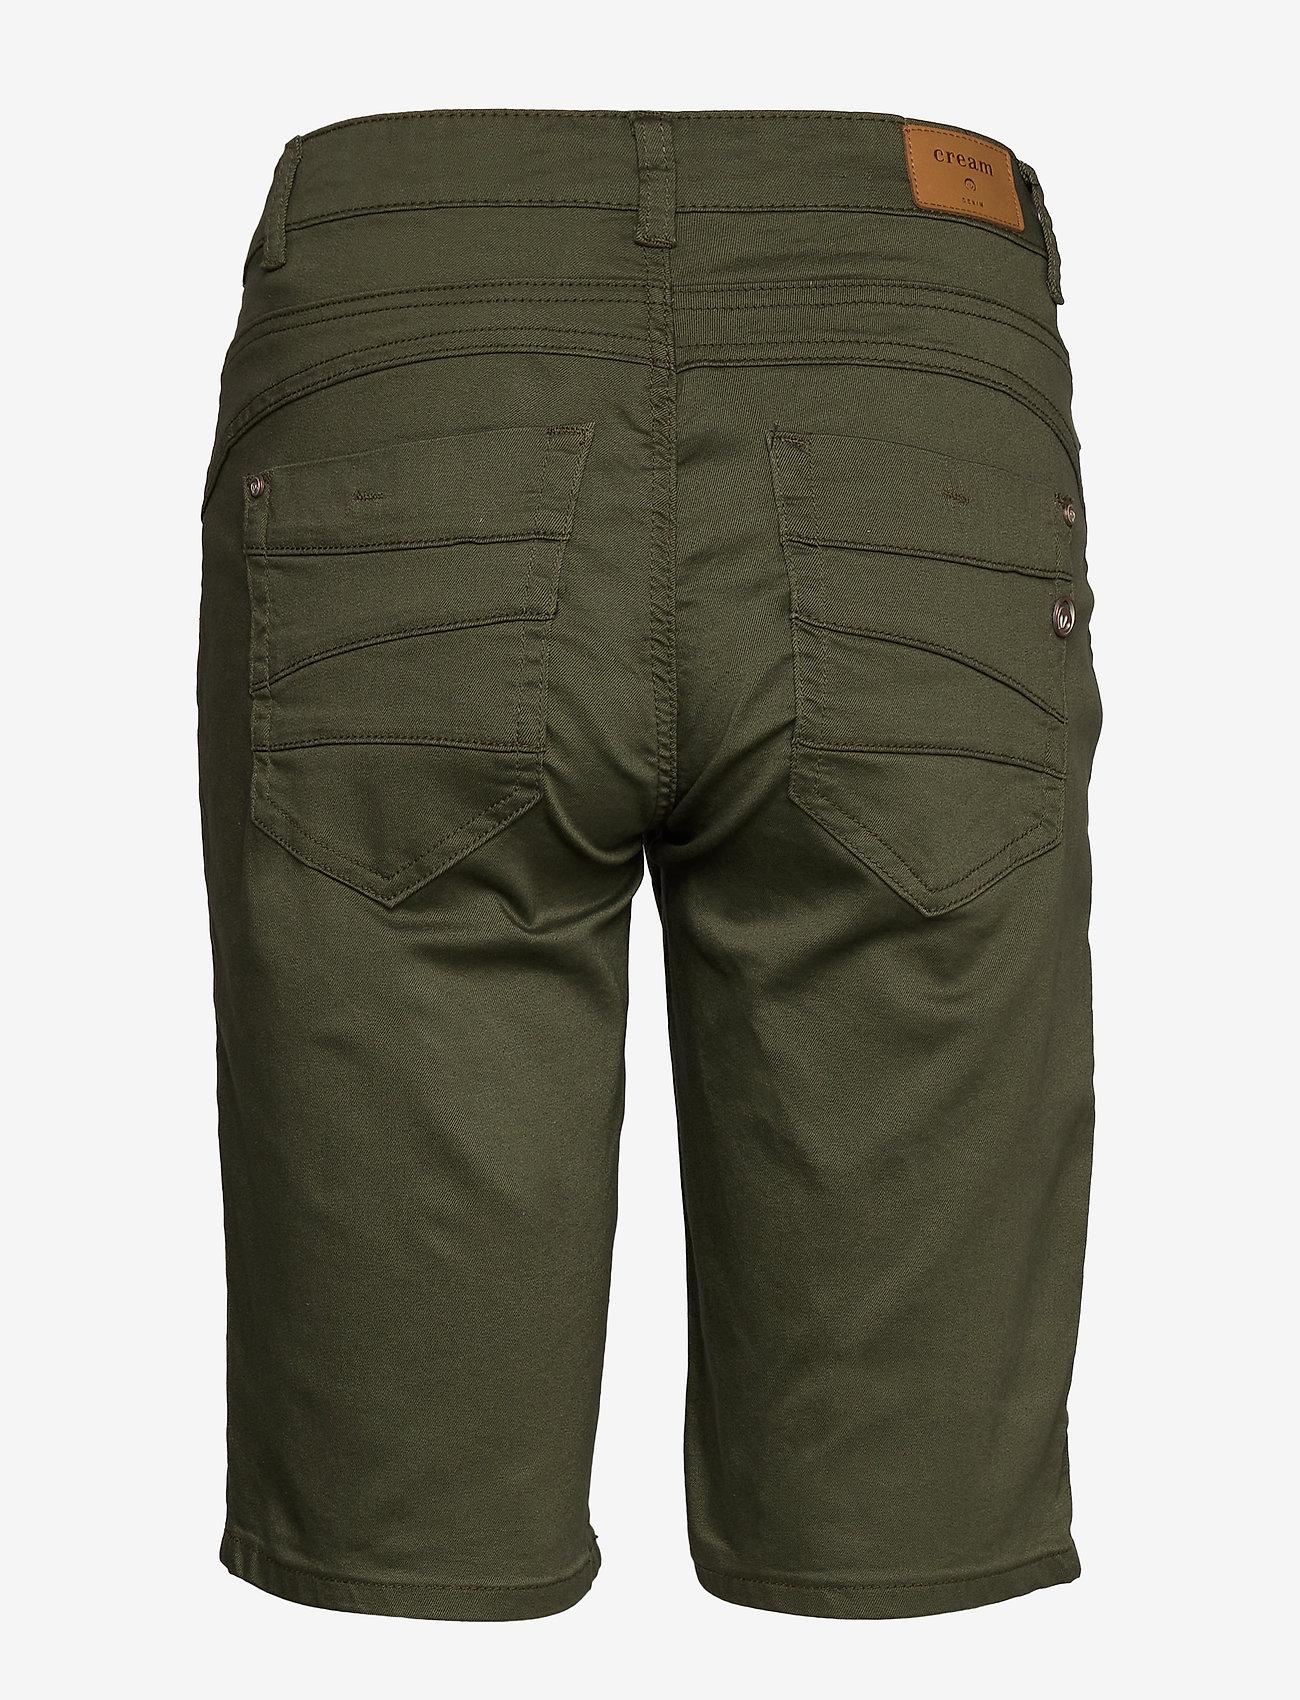 Cream - VavaCR Shorts - Coco Fit - bermudas - burnt olive - 1